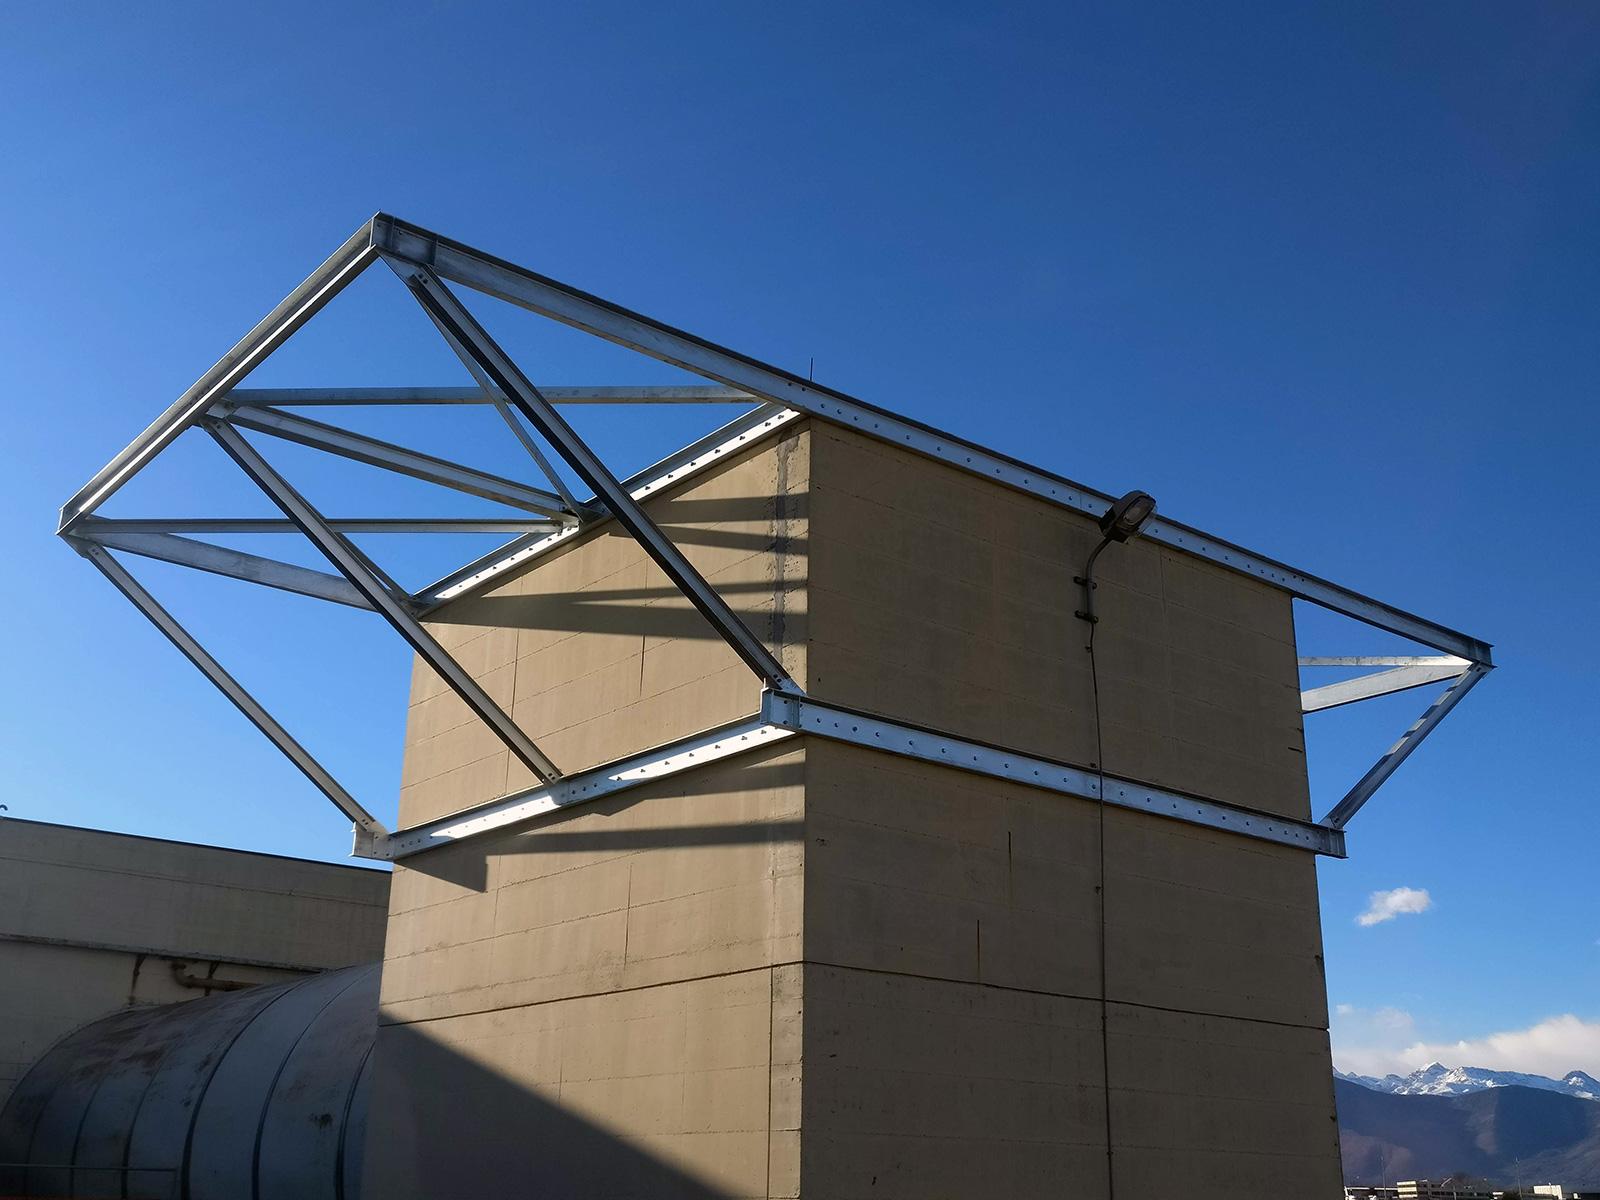 Gruppo Ingegneria Torino - Copertura telescopica di un camino silenziatore